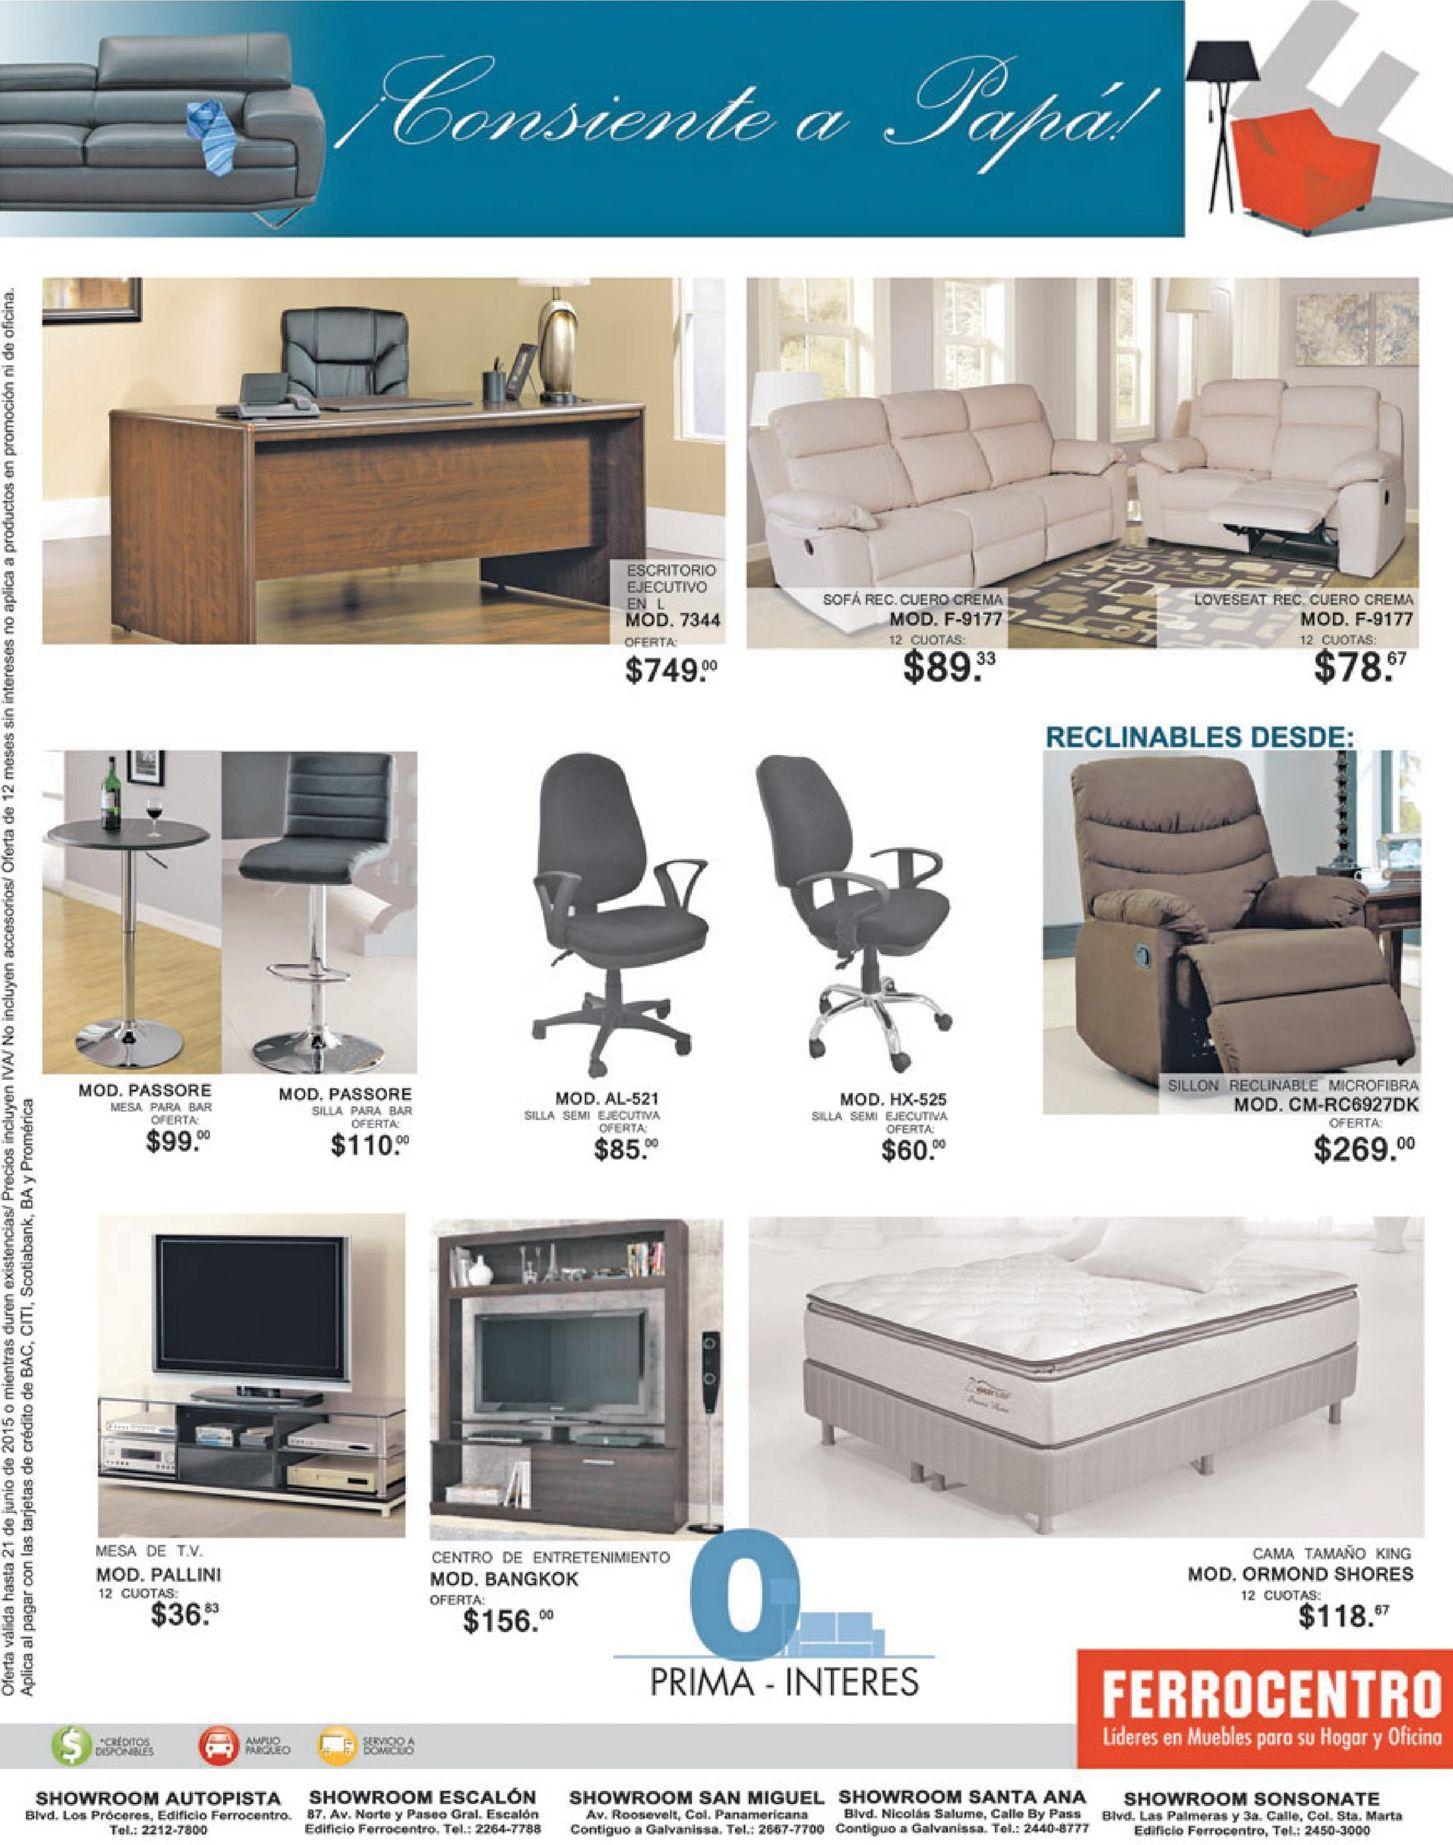 Muebles de calidad y estilo de lujo ferrocentro 16jun15 for Muebles de calidad